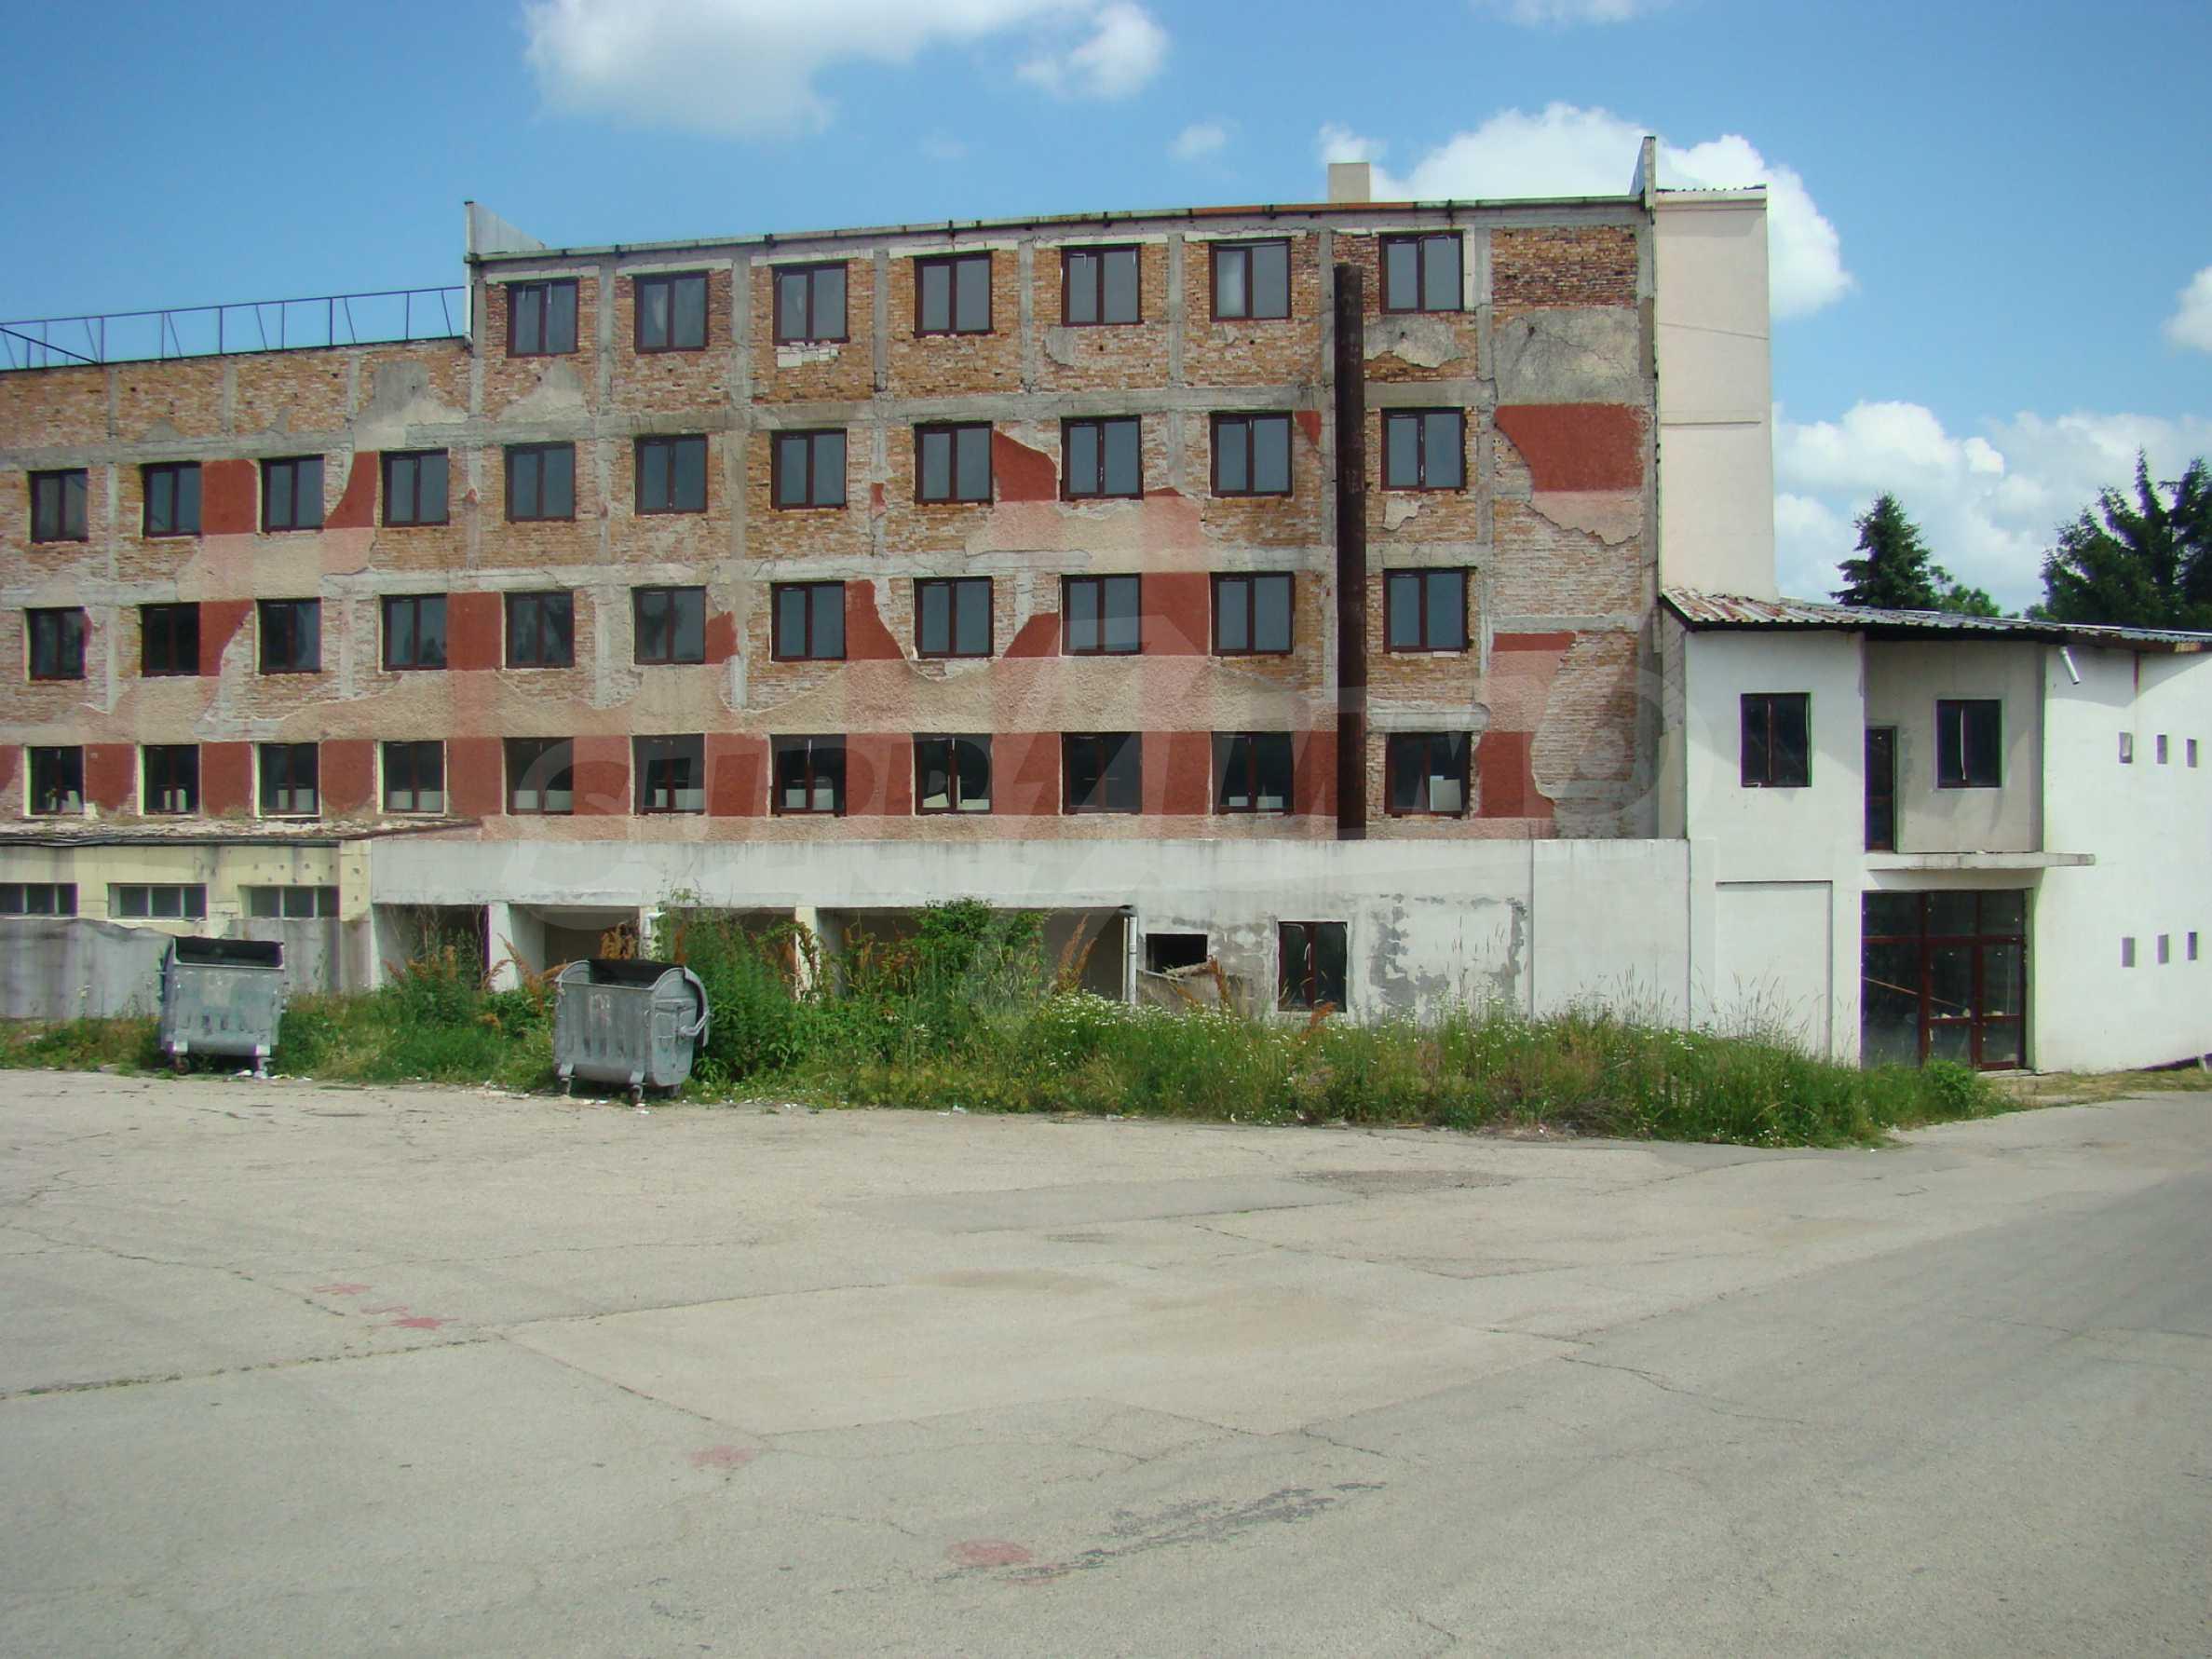 Сграда за инвестиция в центъра на град Кула 4